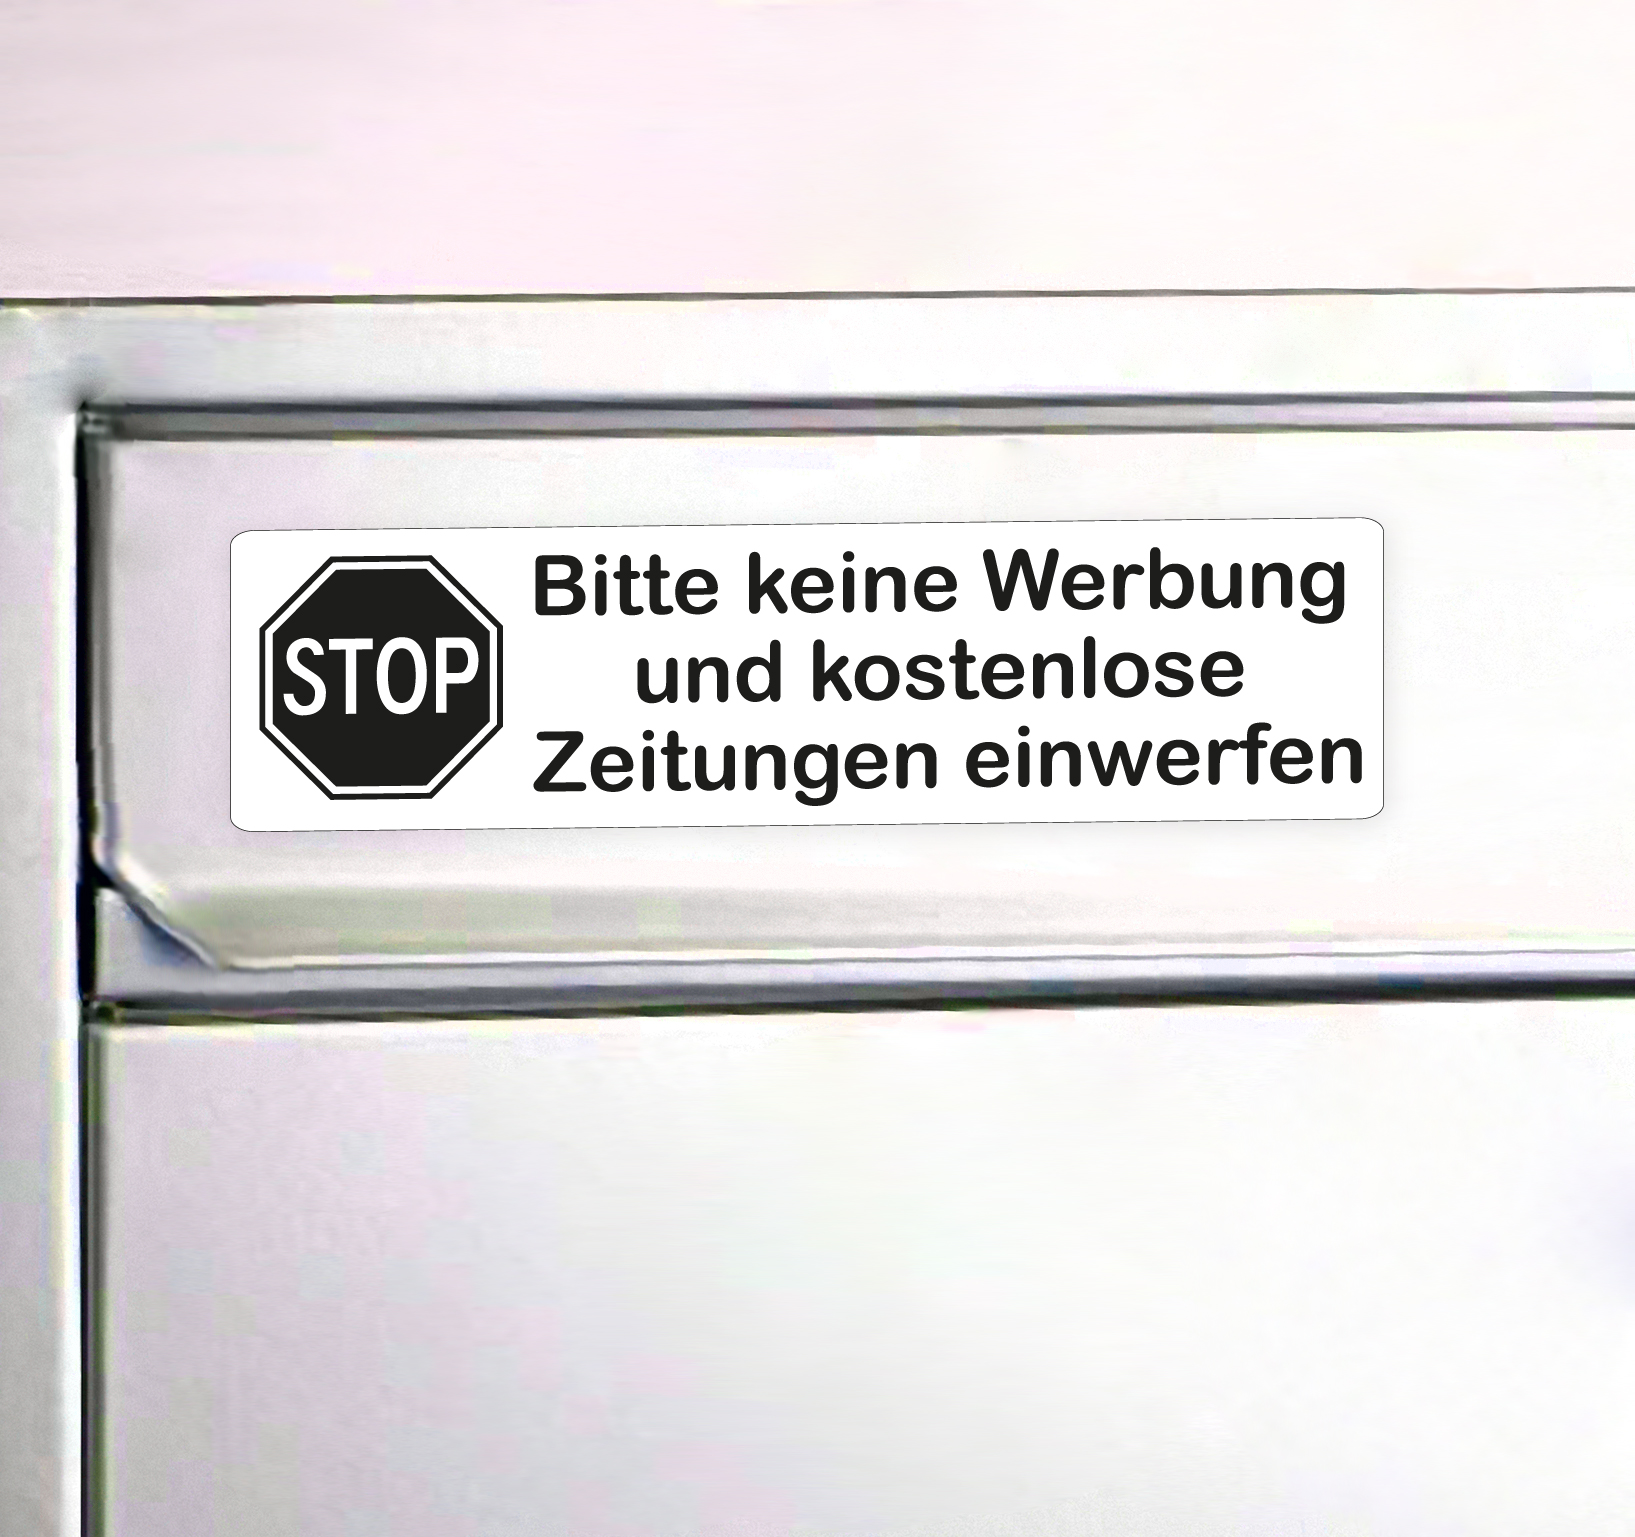 Keine Werbung Aufkleber Mit Stop Schild Design